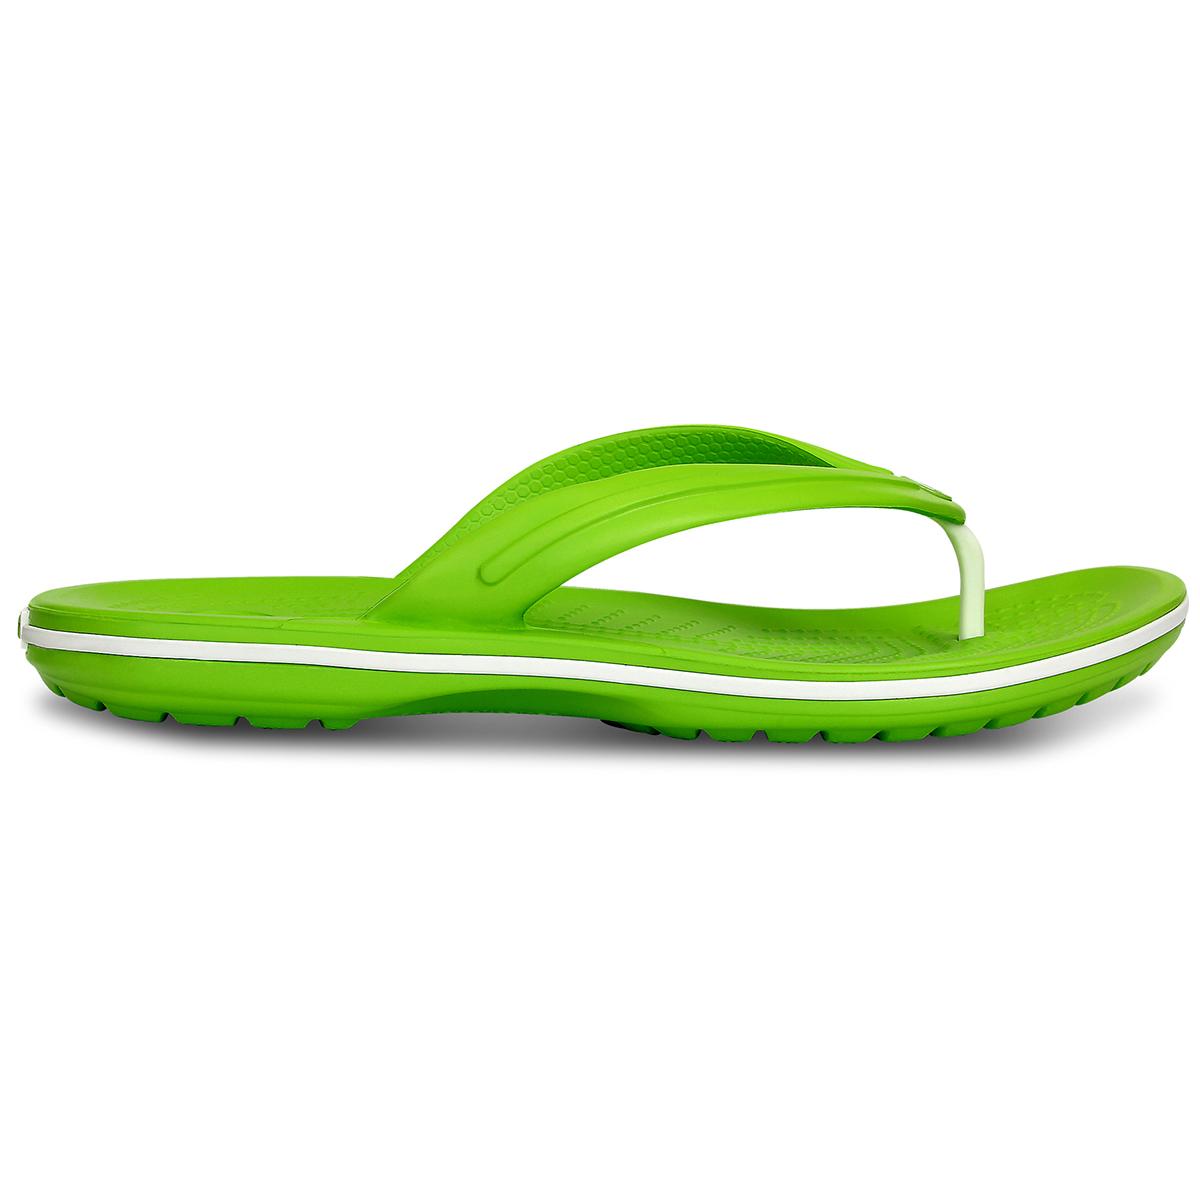 Crocs Crocband Flip - Volt Yeşil/Beyaz